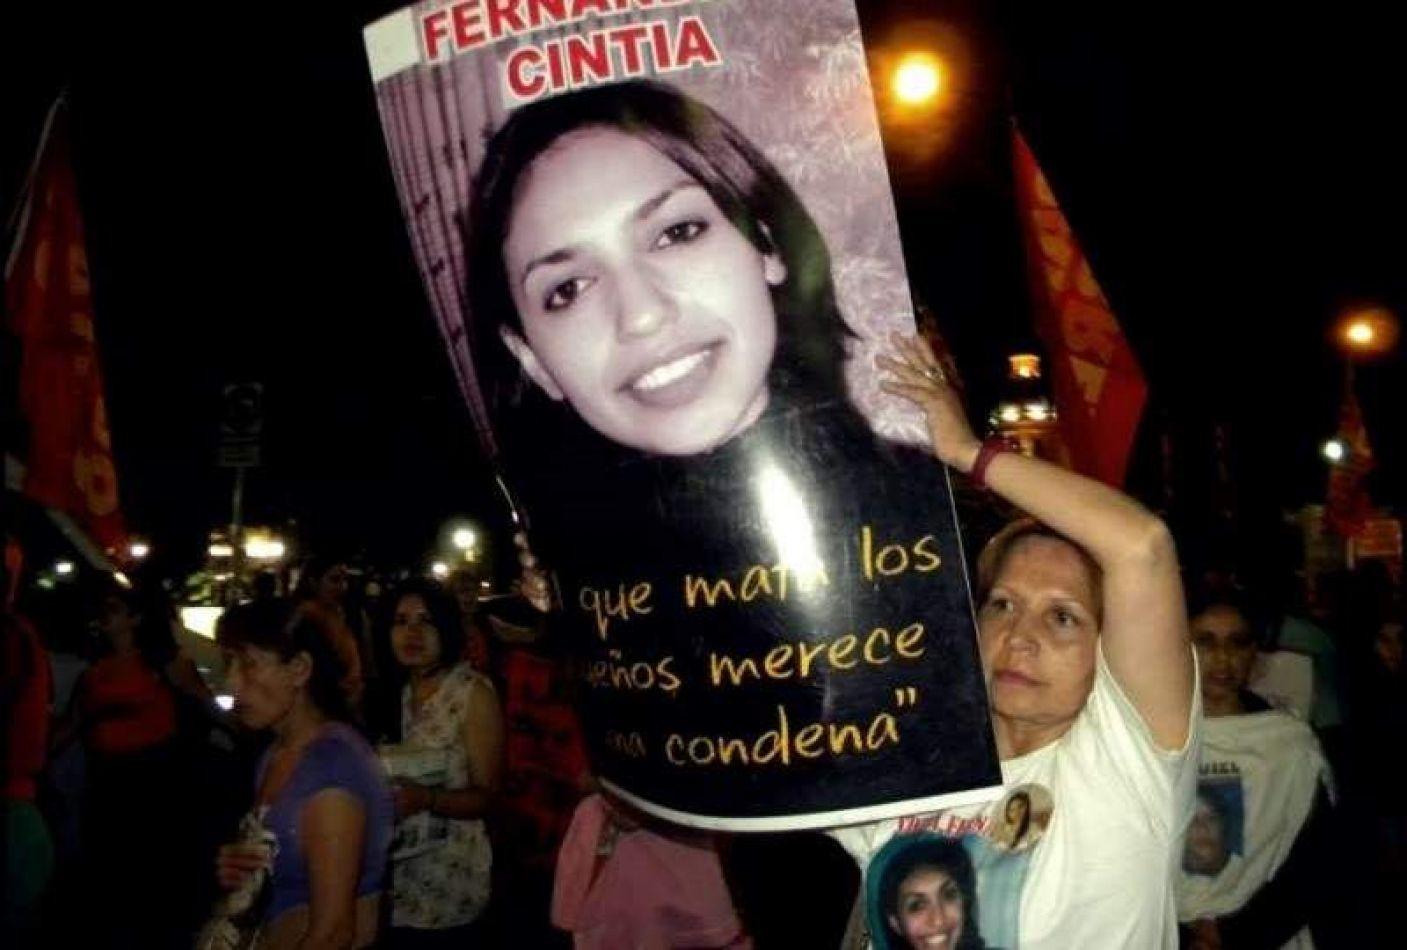 El juicio por el femicidio de Cintia Fernández se llevará a cabo del 13 al 30 de mayo